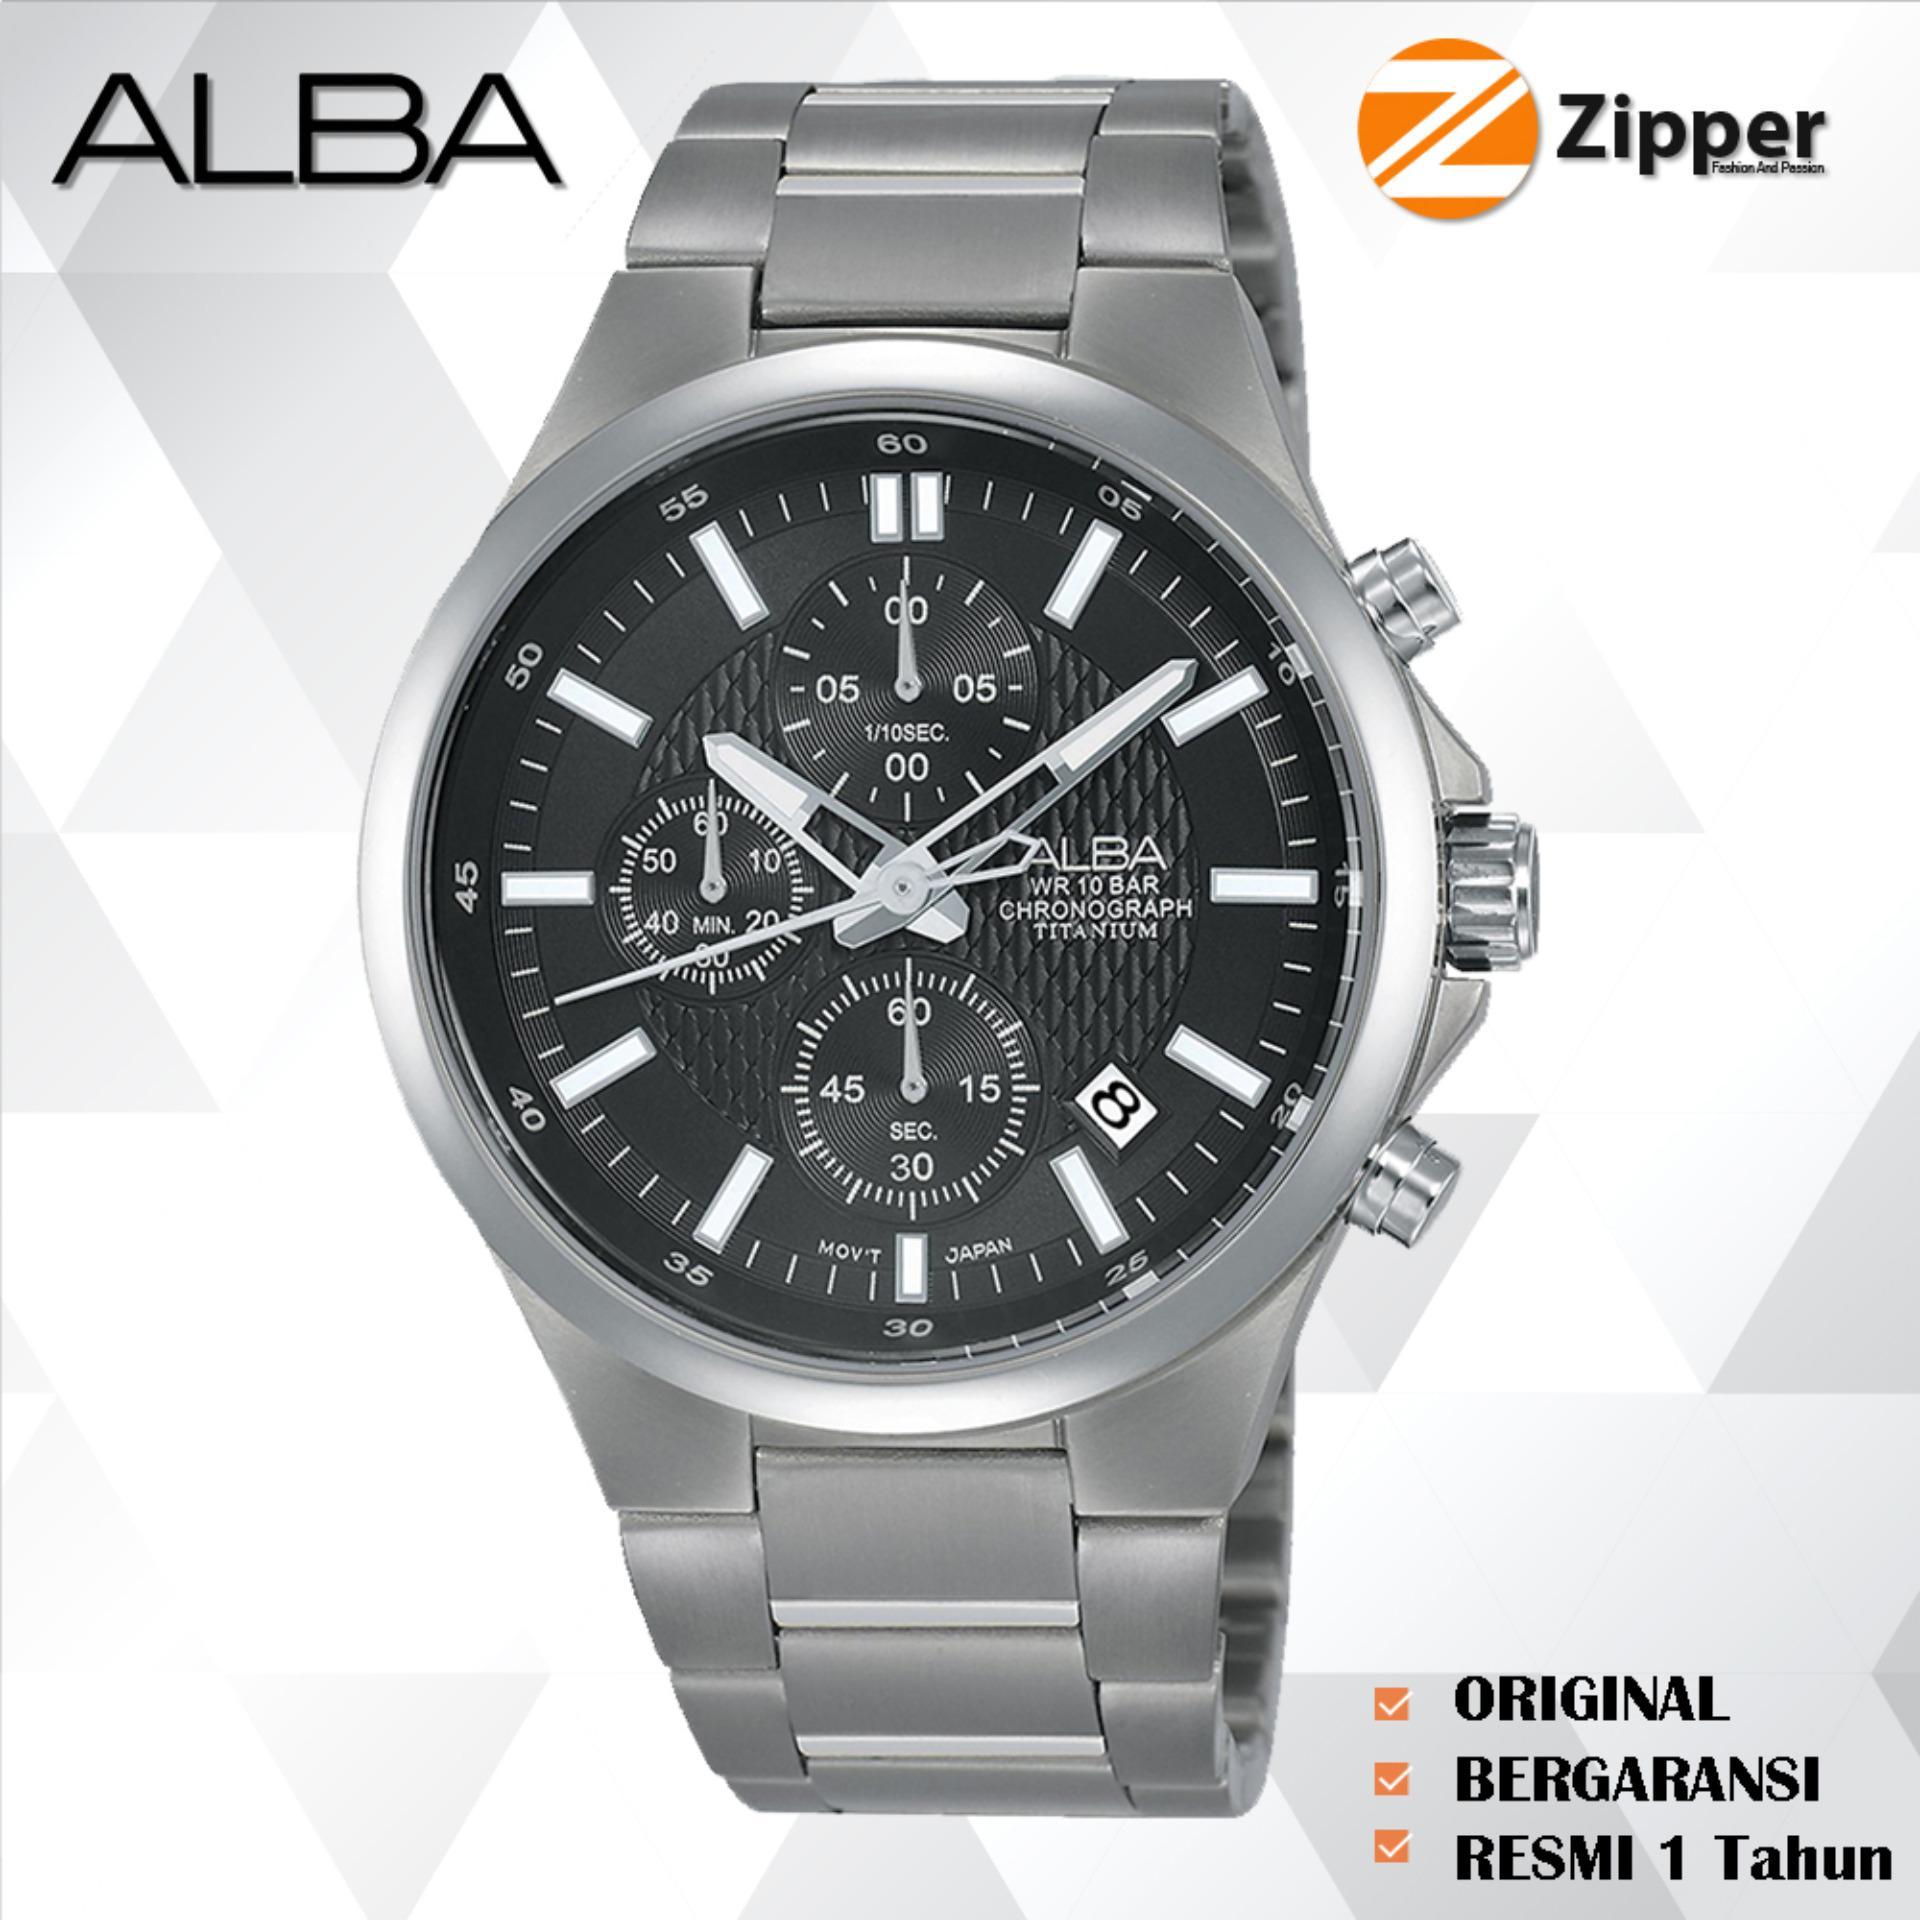 Alba Chronograph Jam Tangan Pria Tali Titanium Quartz Movement - Jam Tangan Original Alba AM35 Seri